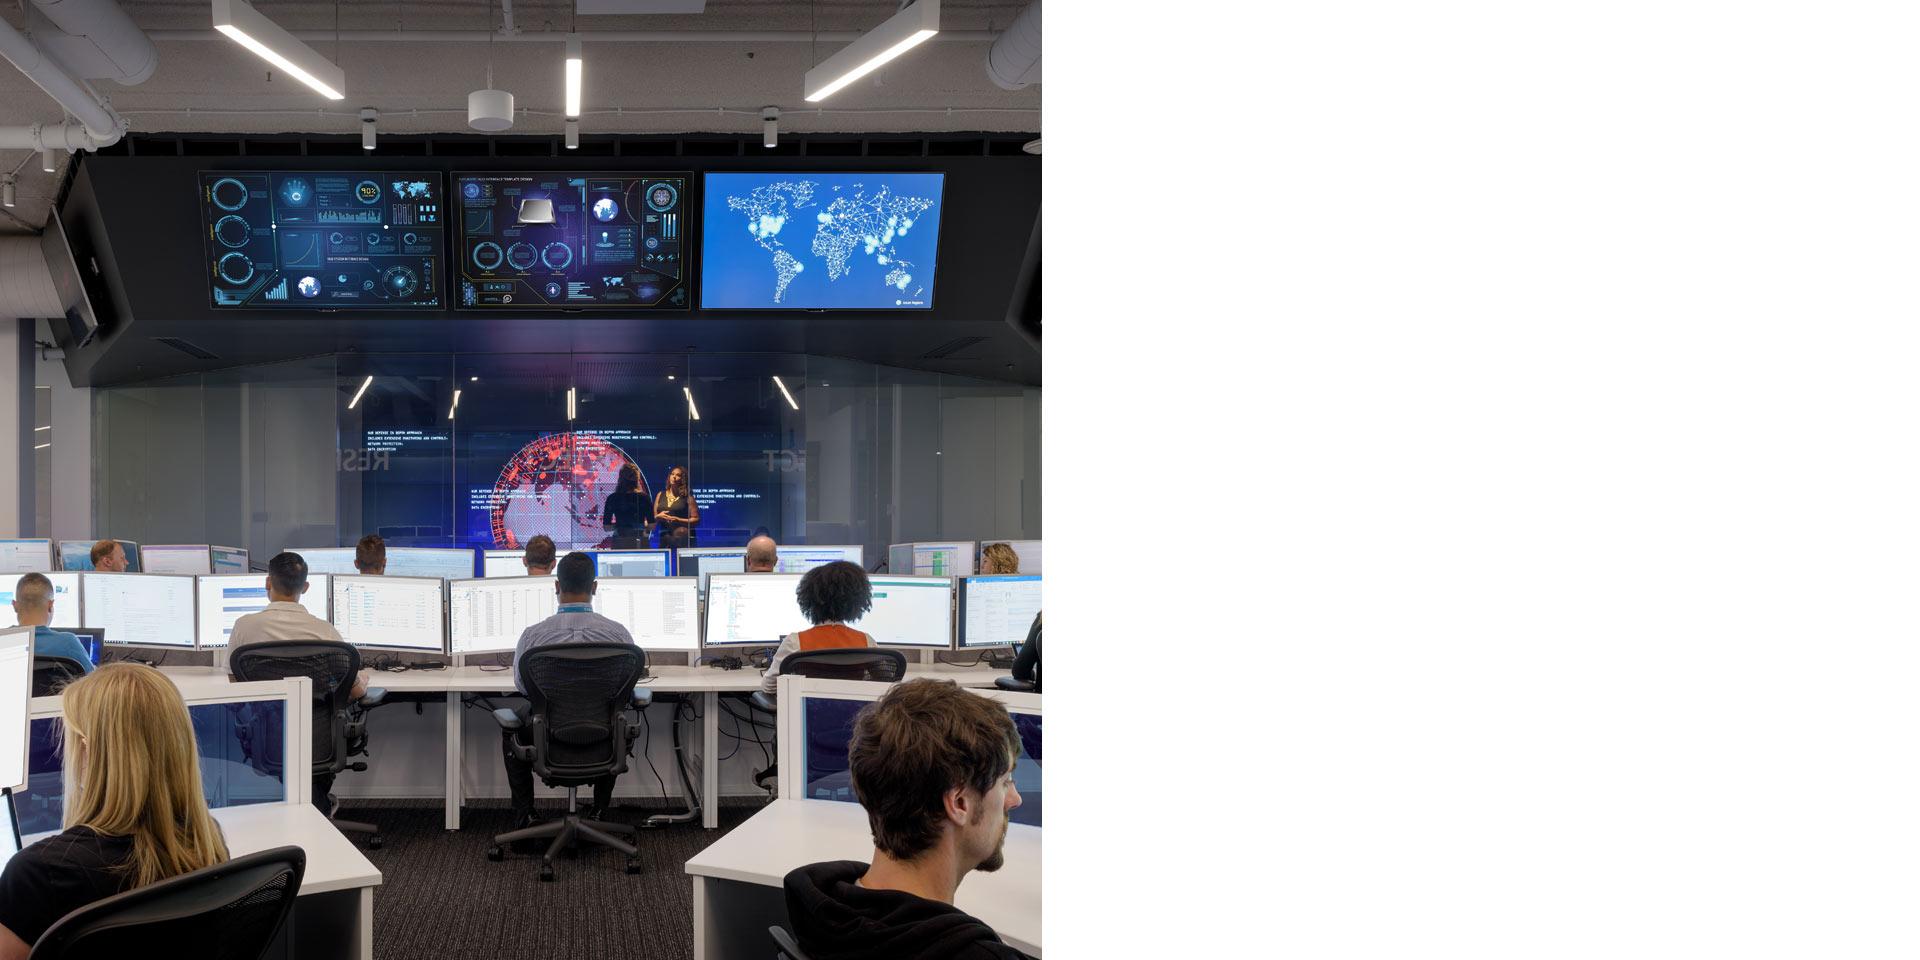 Espacio de oficinal con grandes monitores por encima